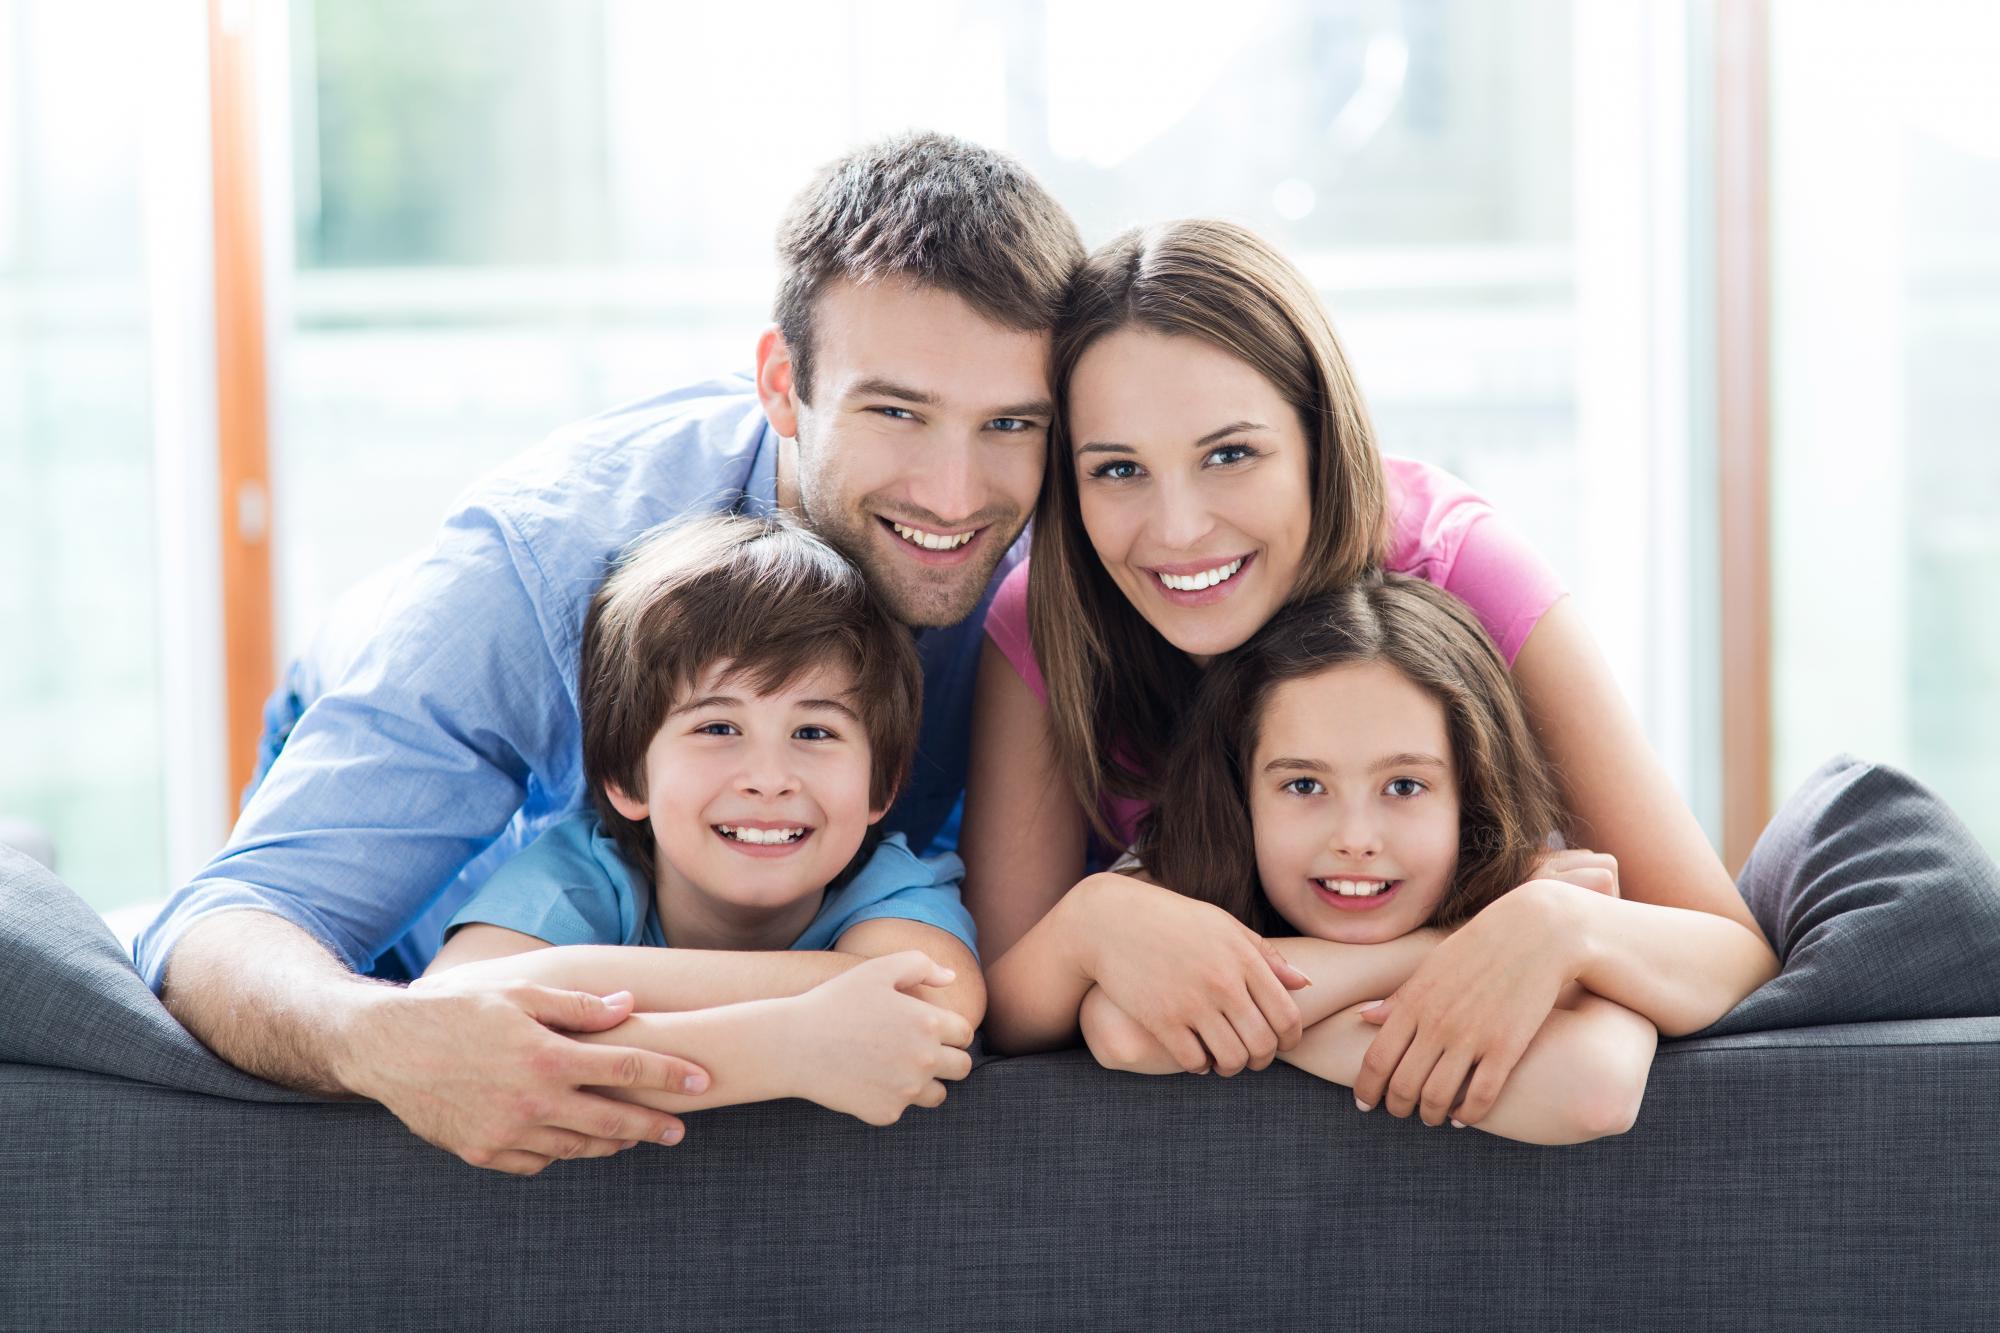 Картинка счастливой семьи для детей